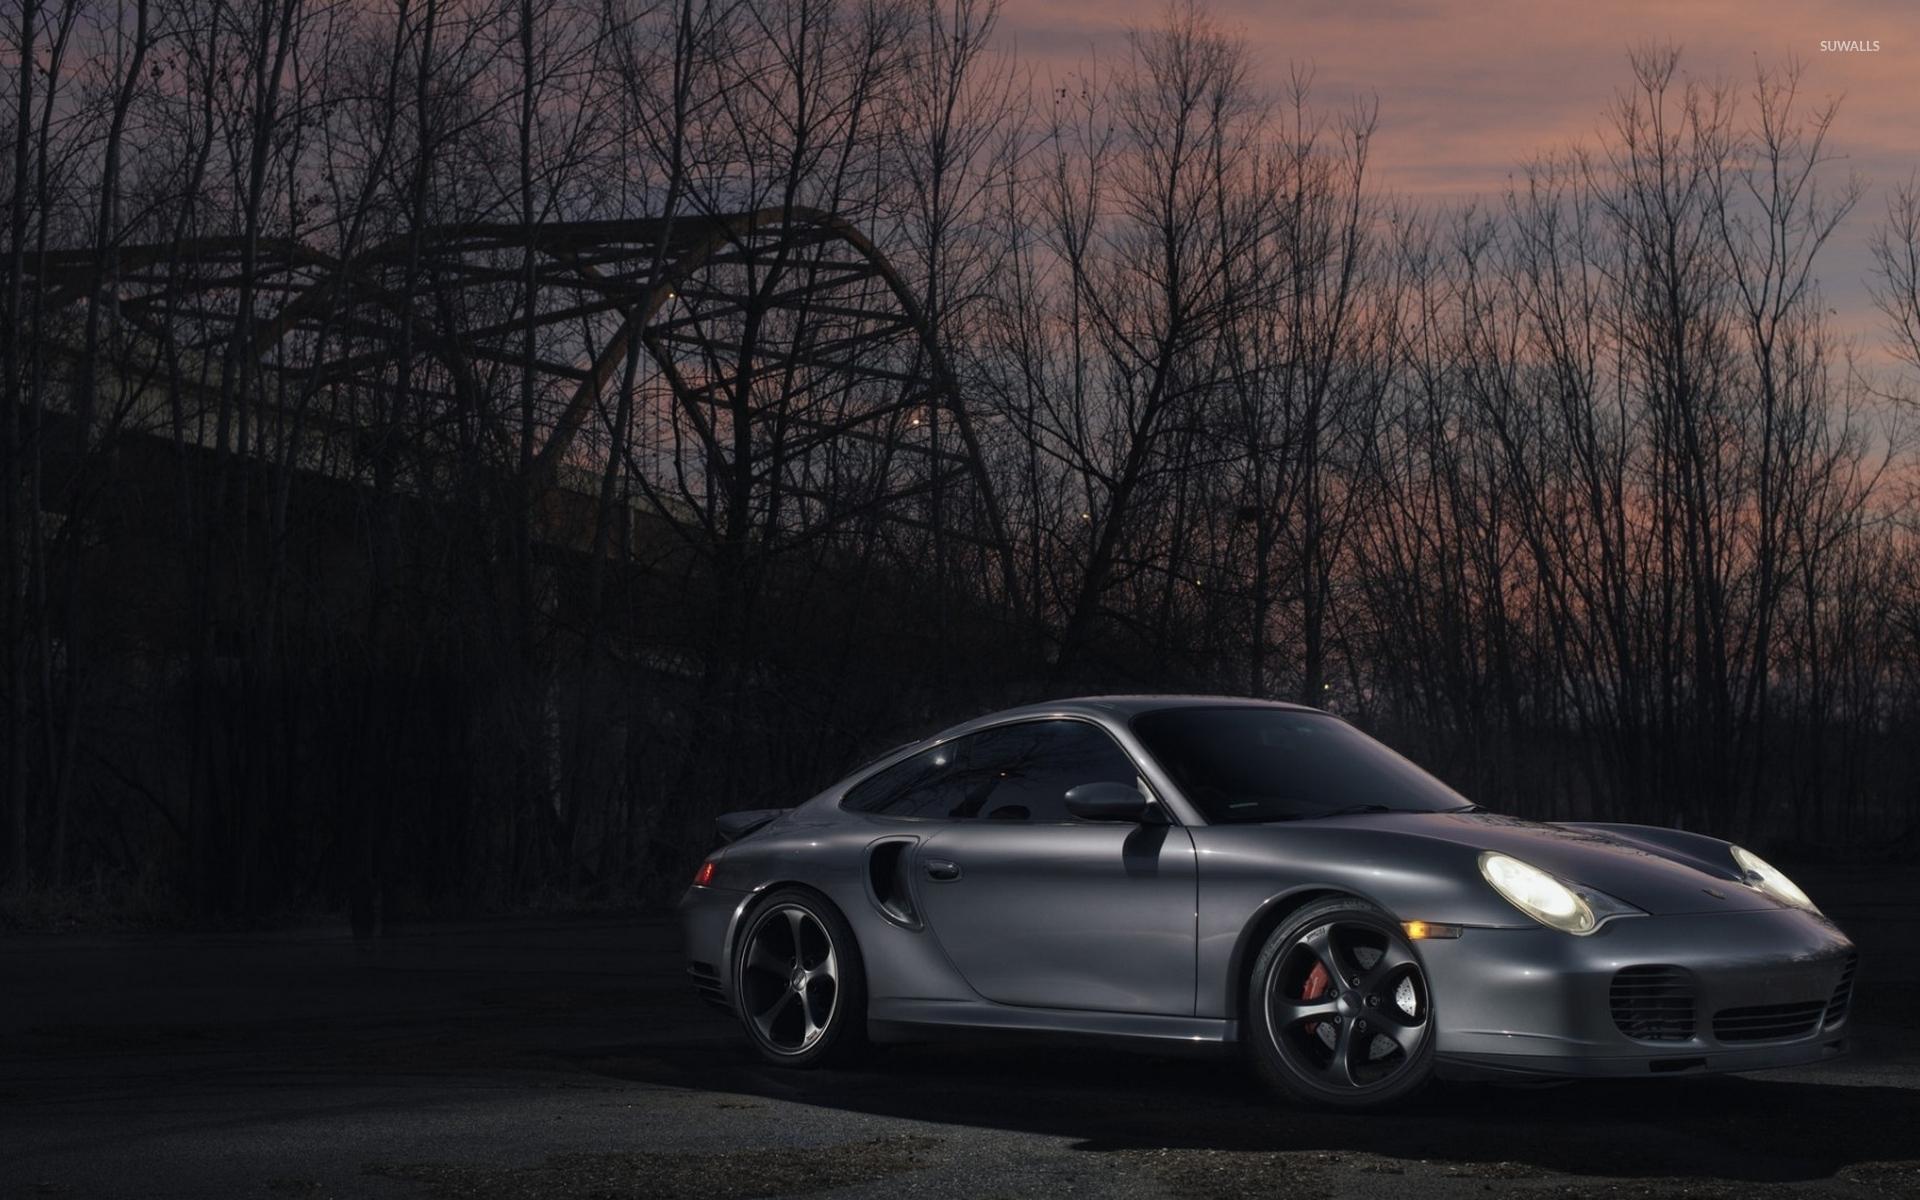 Silver Porsche 911 At Sunset Wallpaper Car Wallpapers